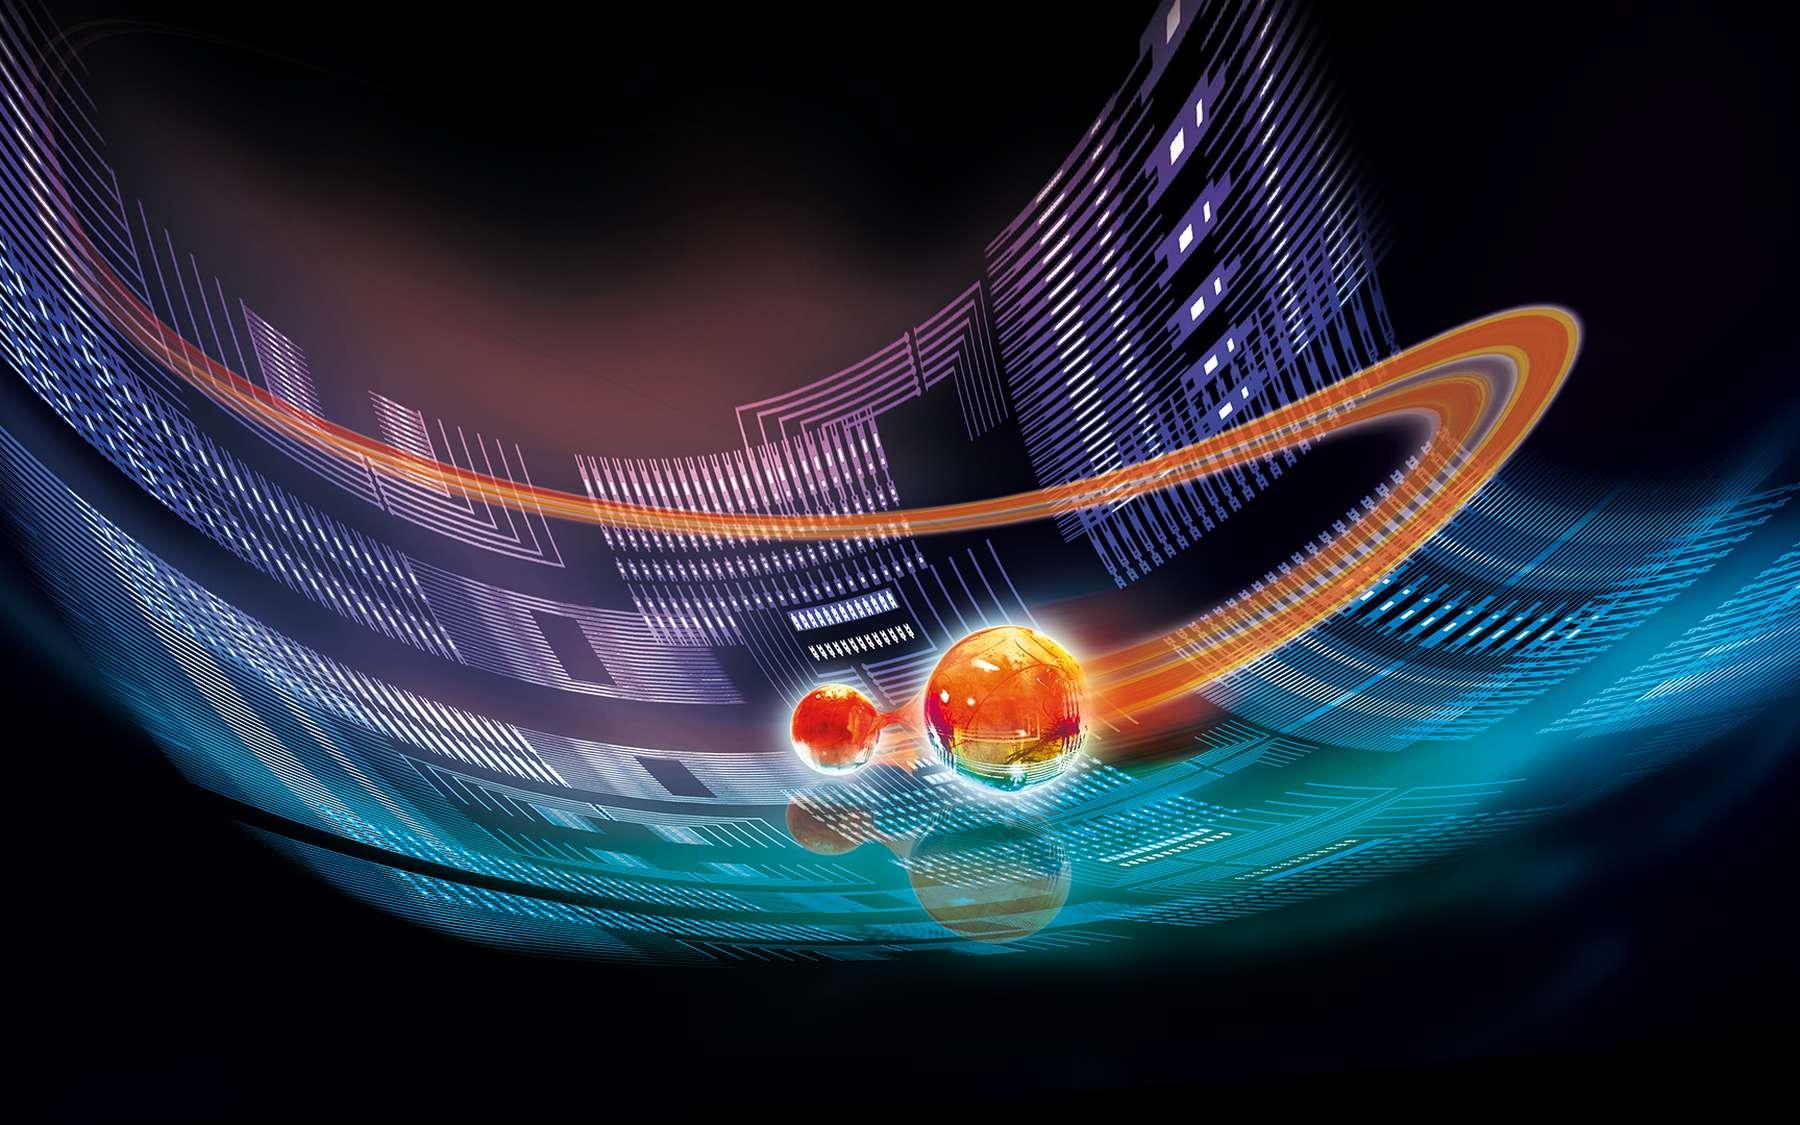 Une vue d'artiste d'une puce quantique avec des particules intriquées. © IQOQI Innsbruck, Harald Ritsch